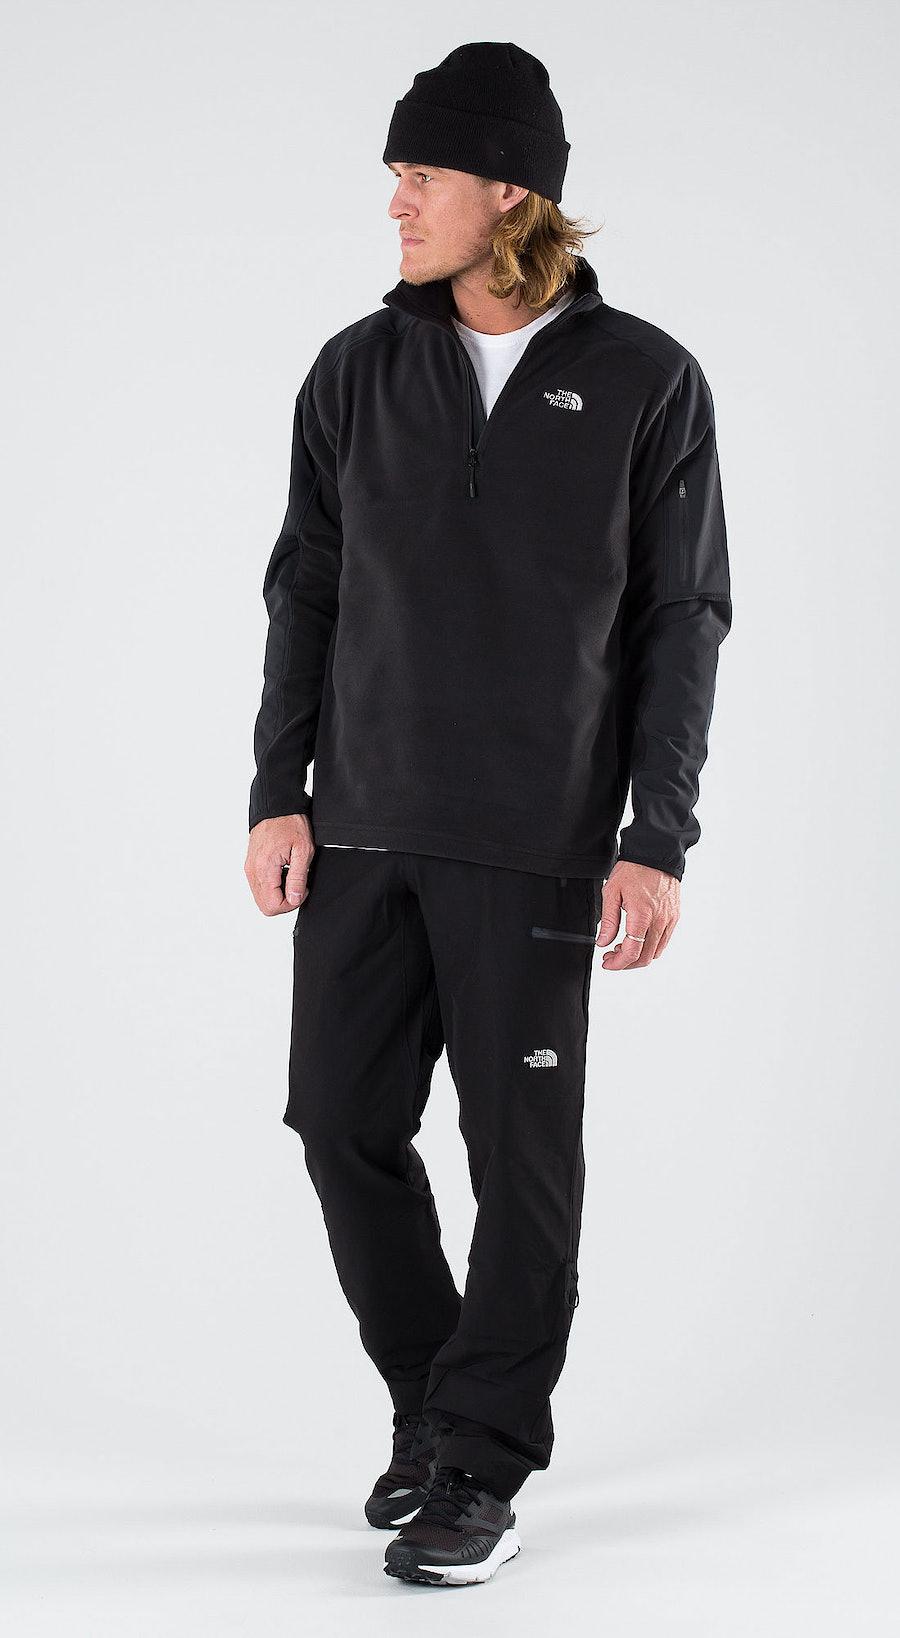 The North Face Glacier Delta 1/4 Tnf Black Outfit Multi